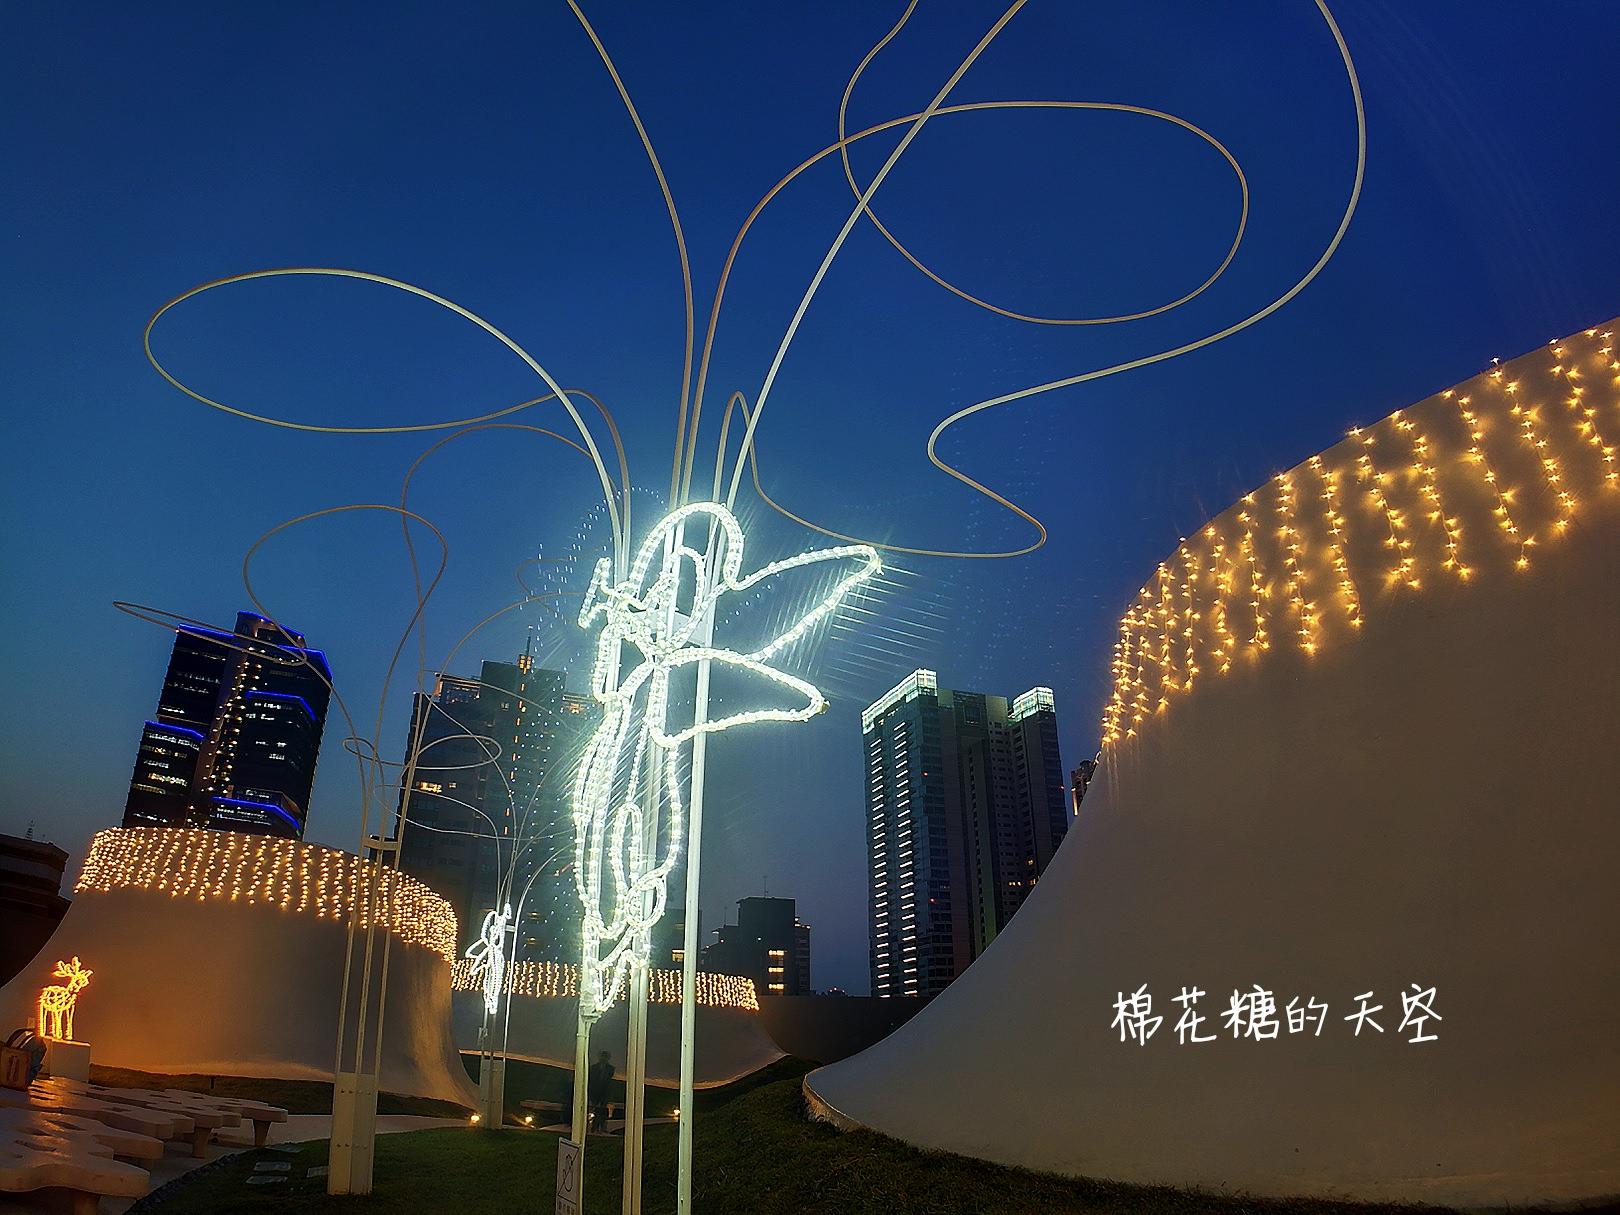 七期浪漫空中花園亮燈囉!高空豪宅當背景~歌劇院空中花園來張最高價自拍!